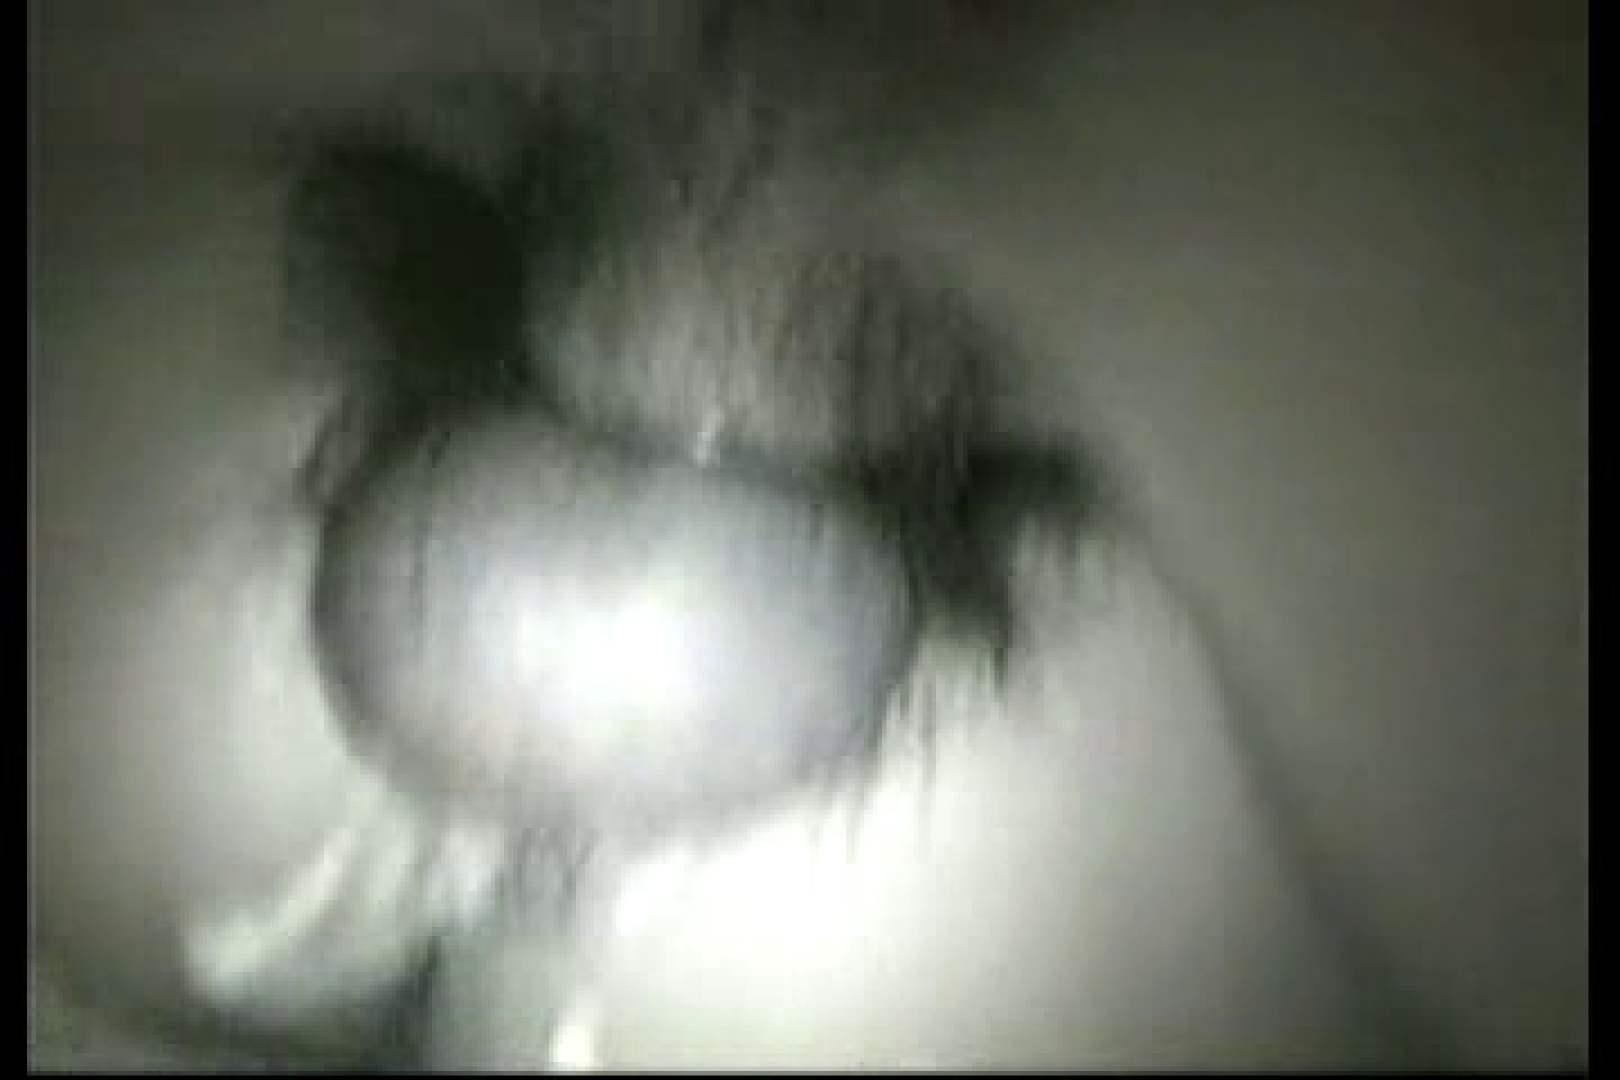 【流出自画撮】とにかく凄いぜ!!ケツまんFighters!! Vol.08 ハメ撮り  58pic 54